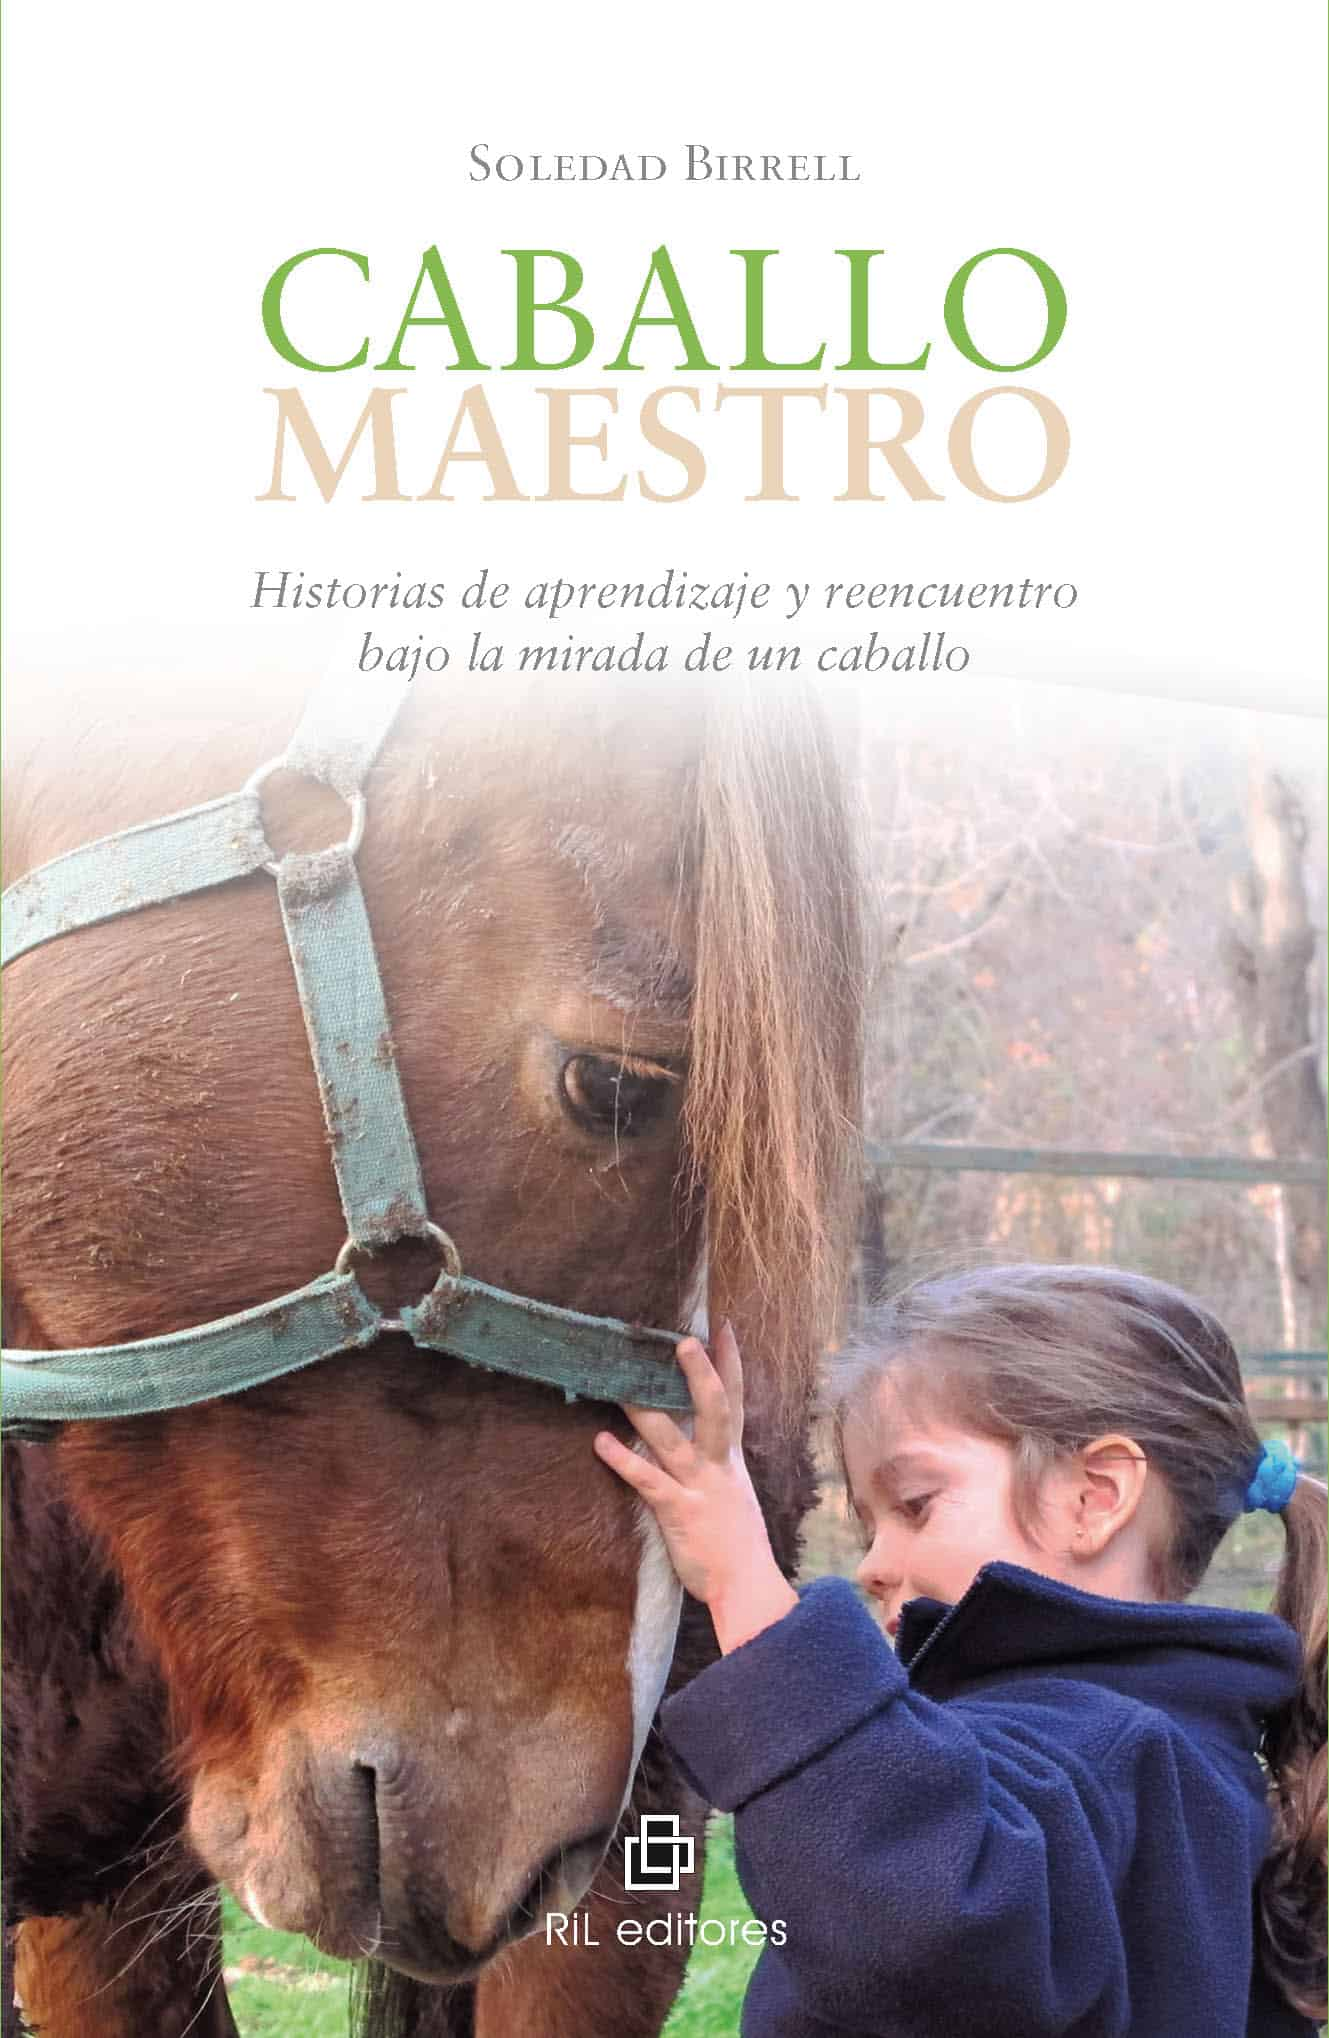 Caballo maestro: historias de aprendizaje y reencuentro bajo la mirada de un caballo 1